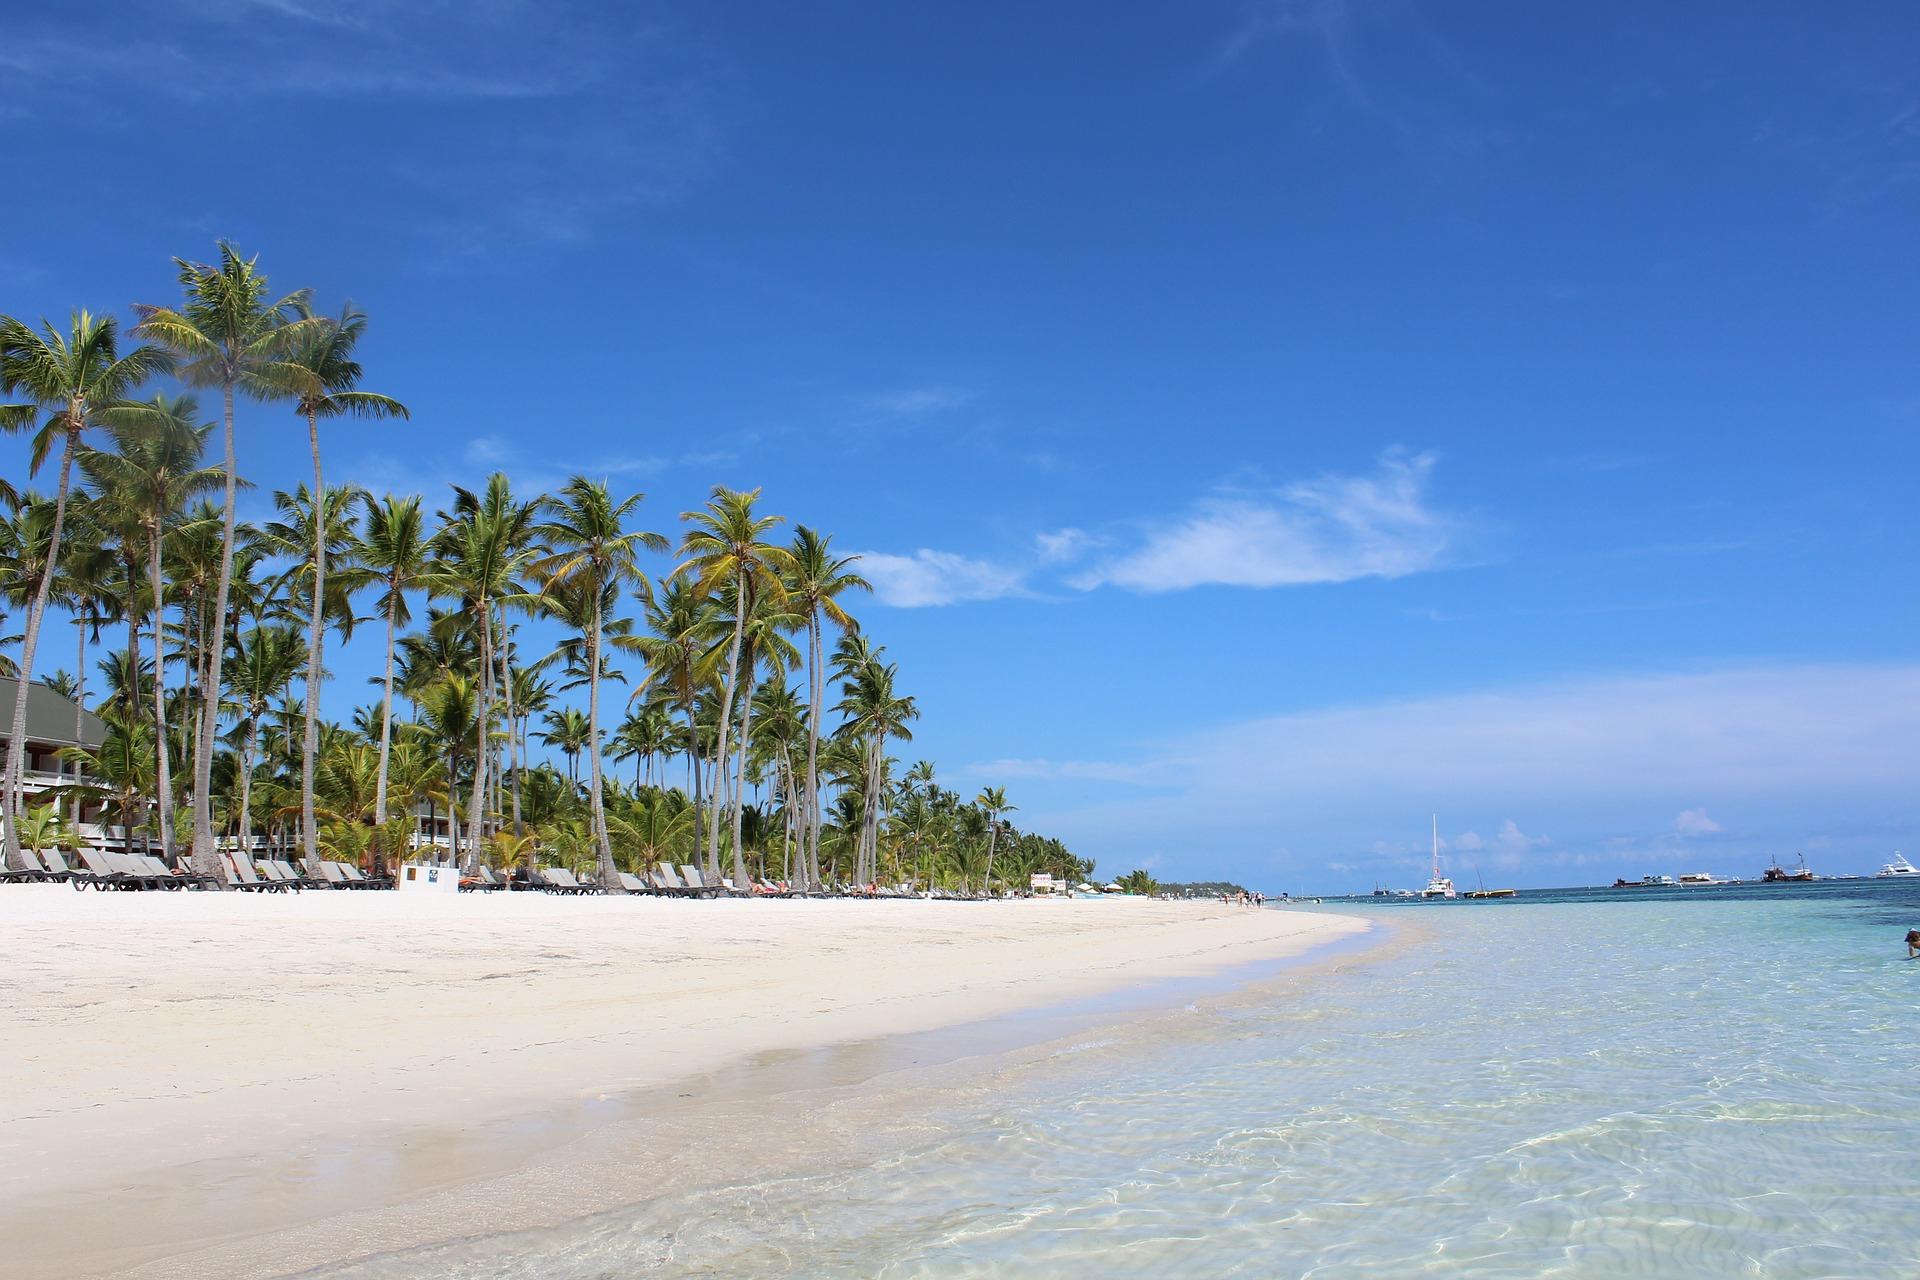 Flüge: Brüssel (BRU) -> Punta Cana / Dominikanische Republik (PUJ) Direktflug im September/Oktober (Hin- und Zurück) ab 302€ mit TuiFly (Ohne Reisegepäck)